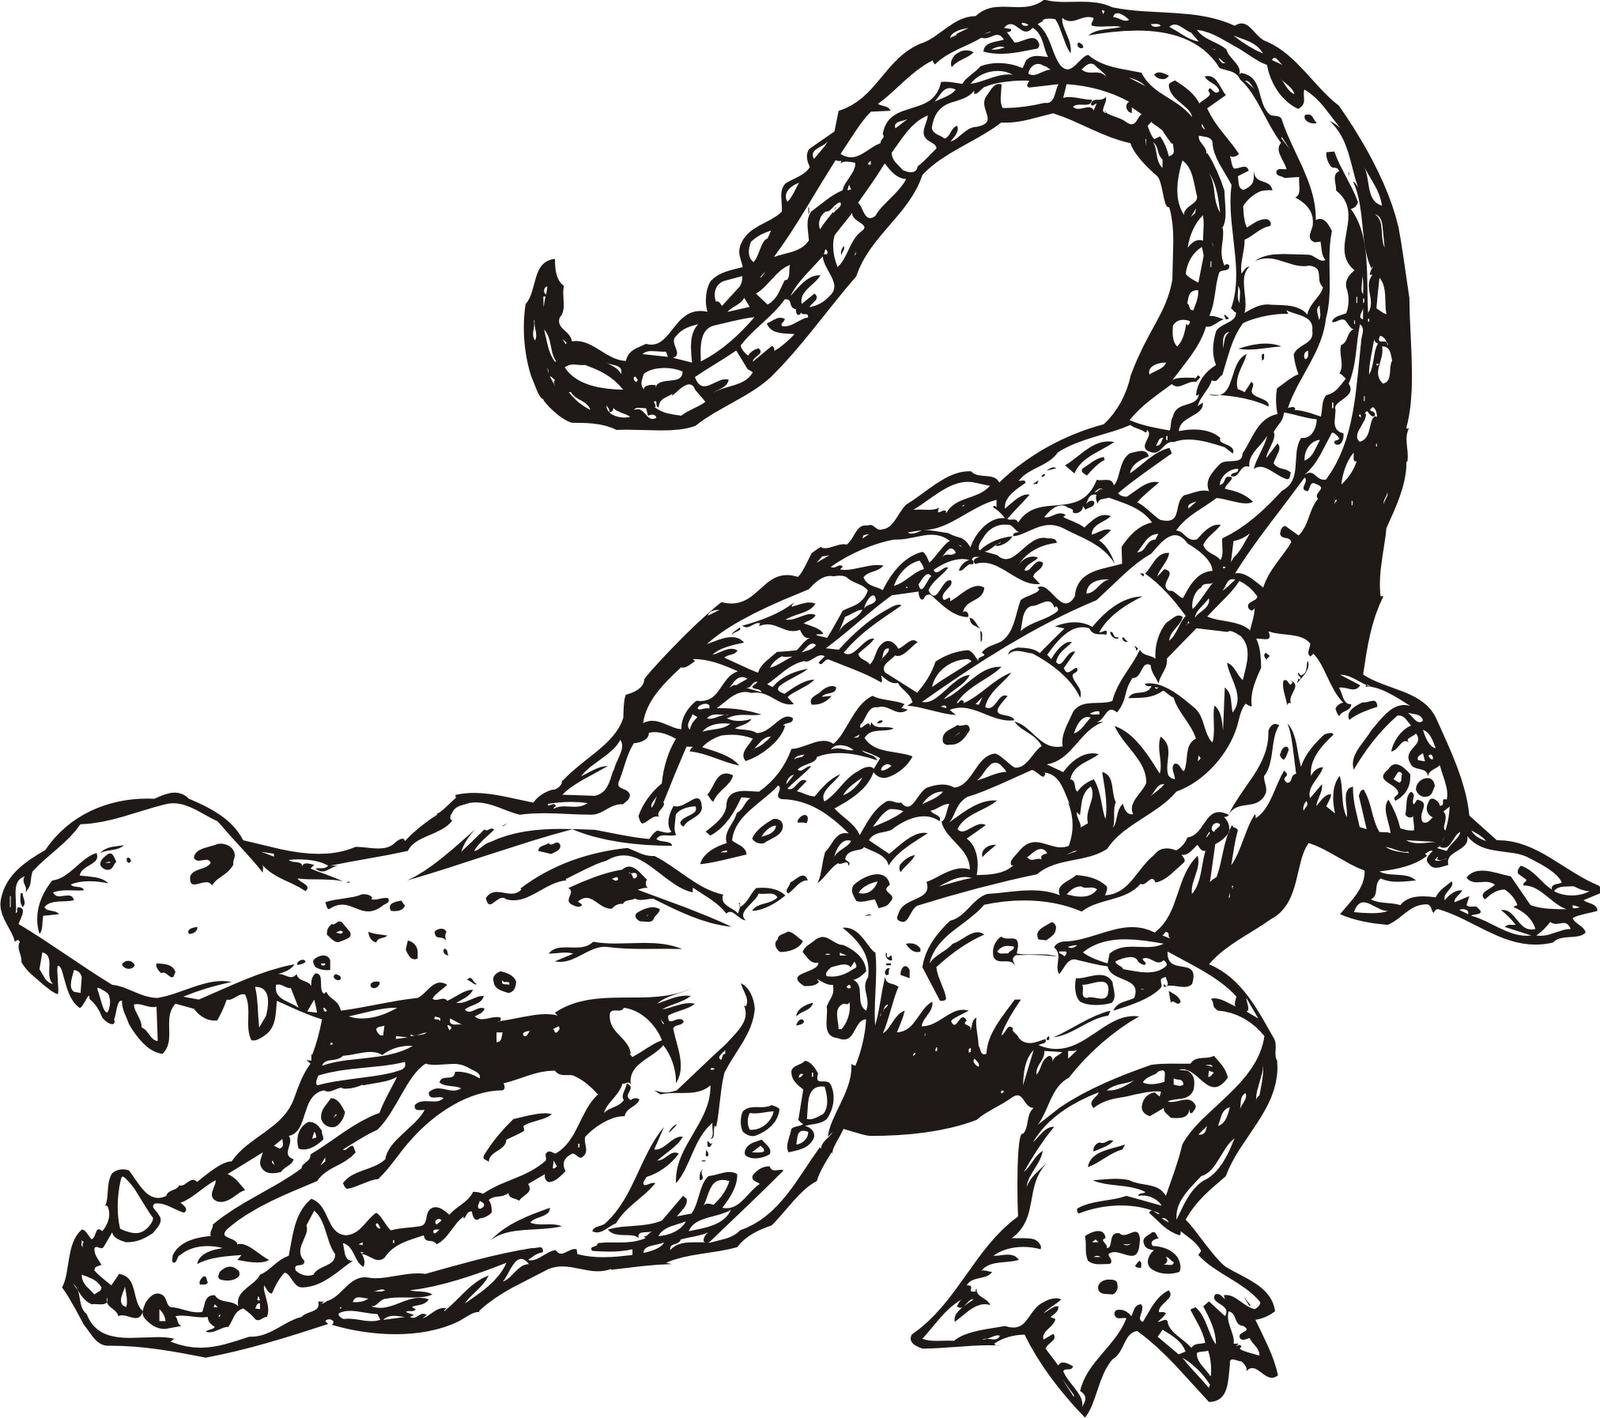 Monochrome clipart alligator #2